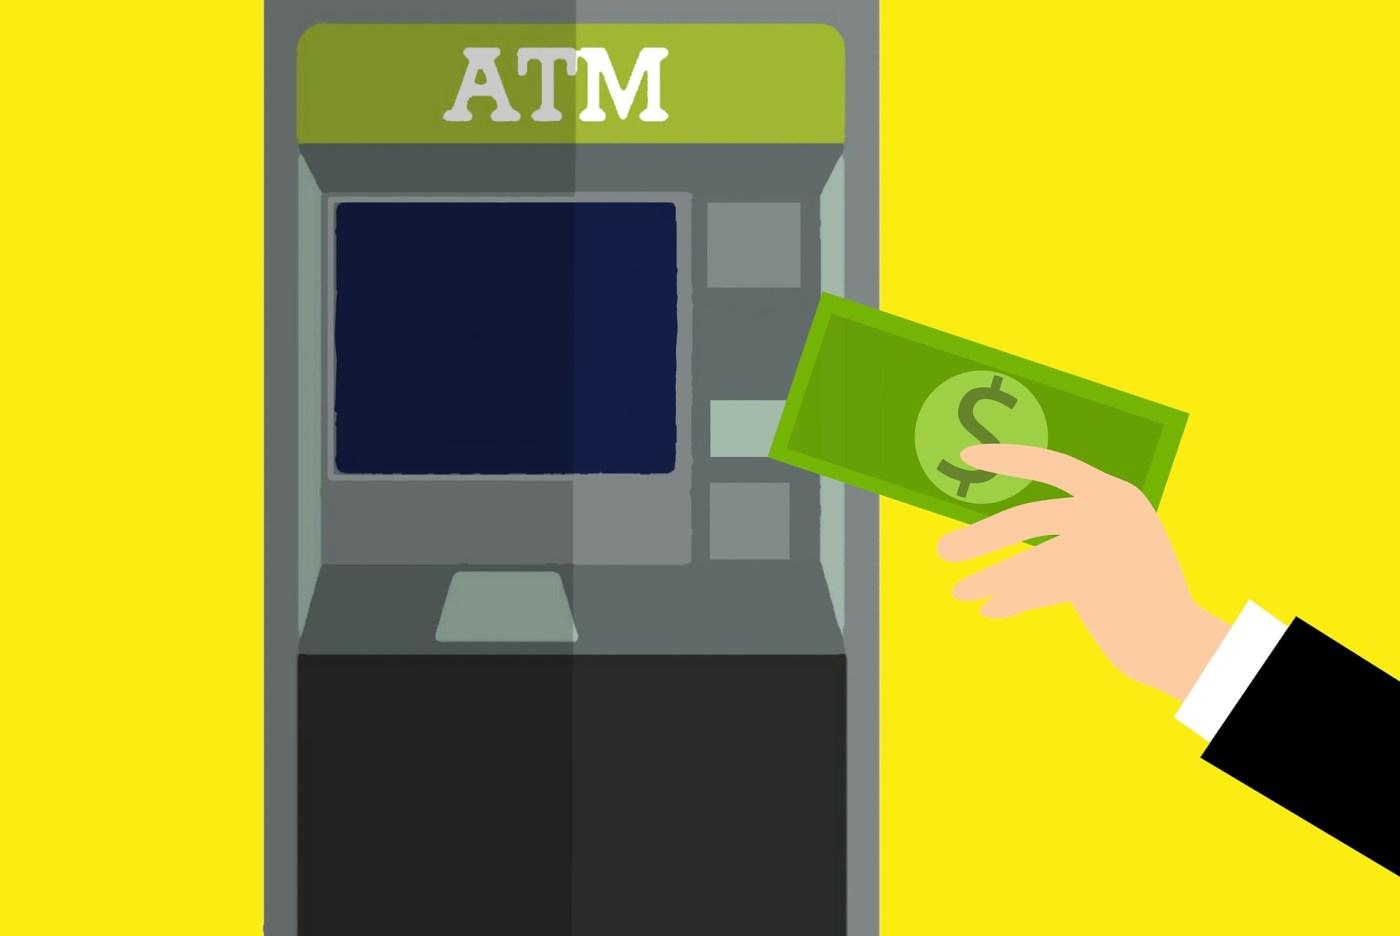 Utilização do multibanco em Malta